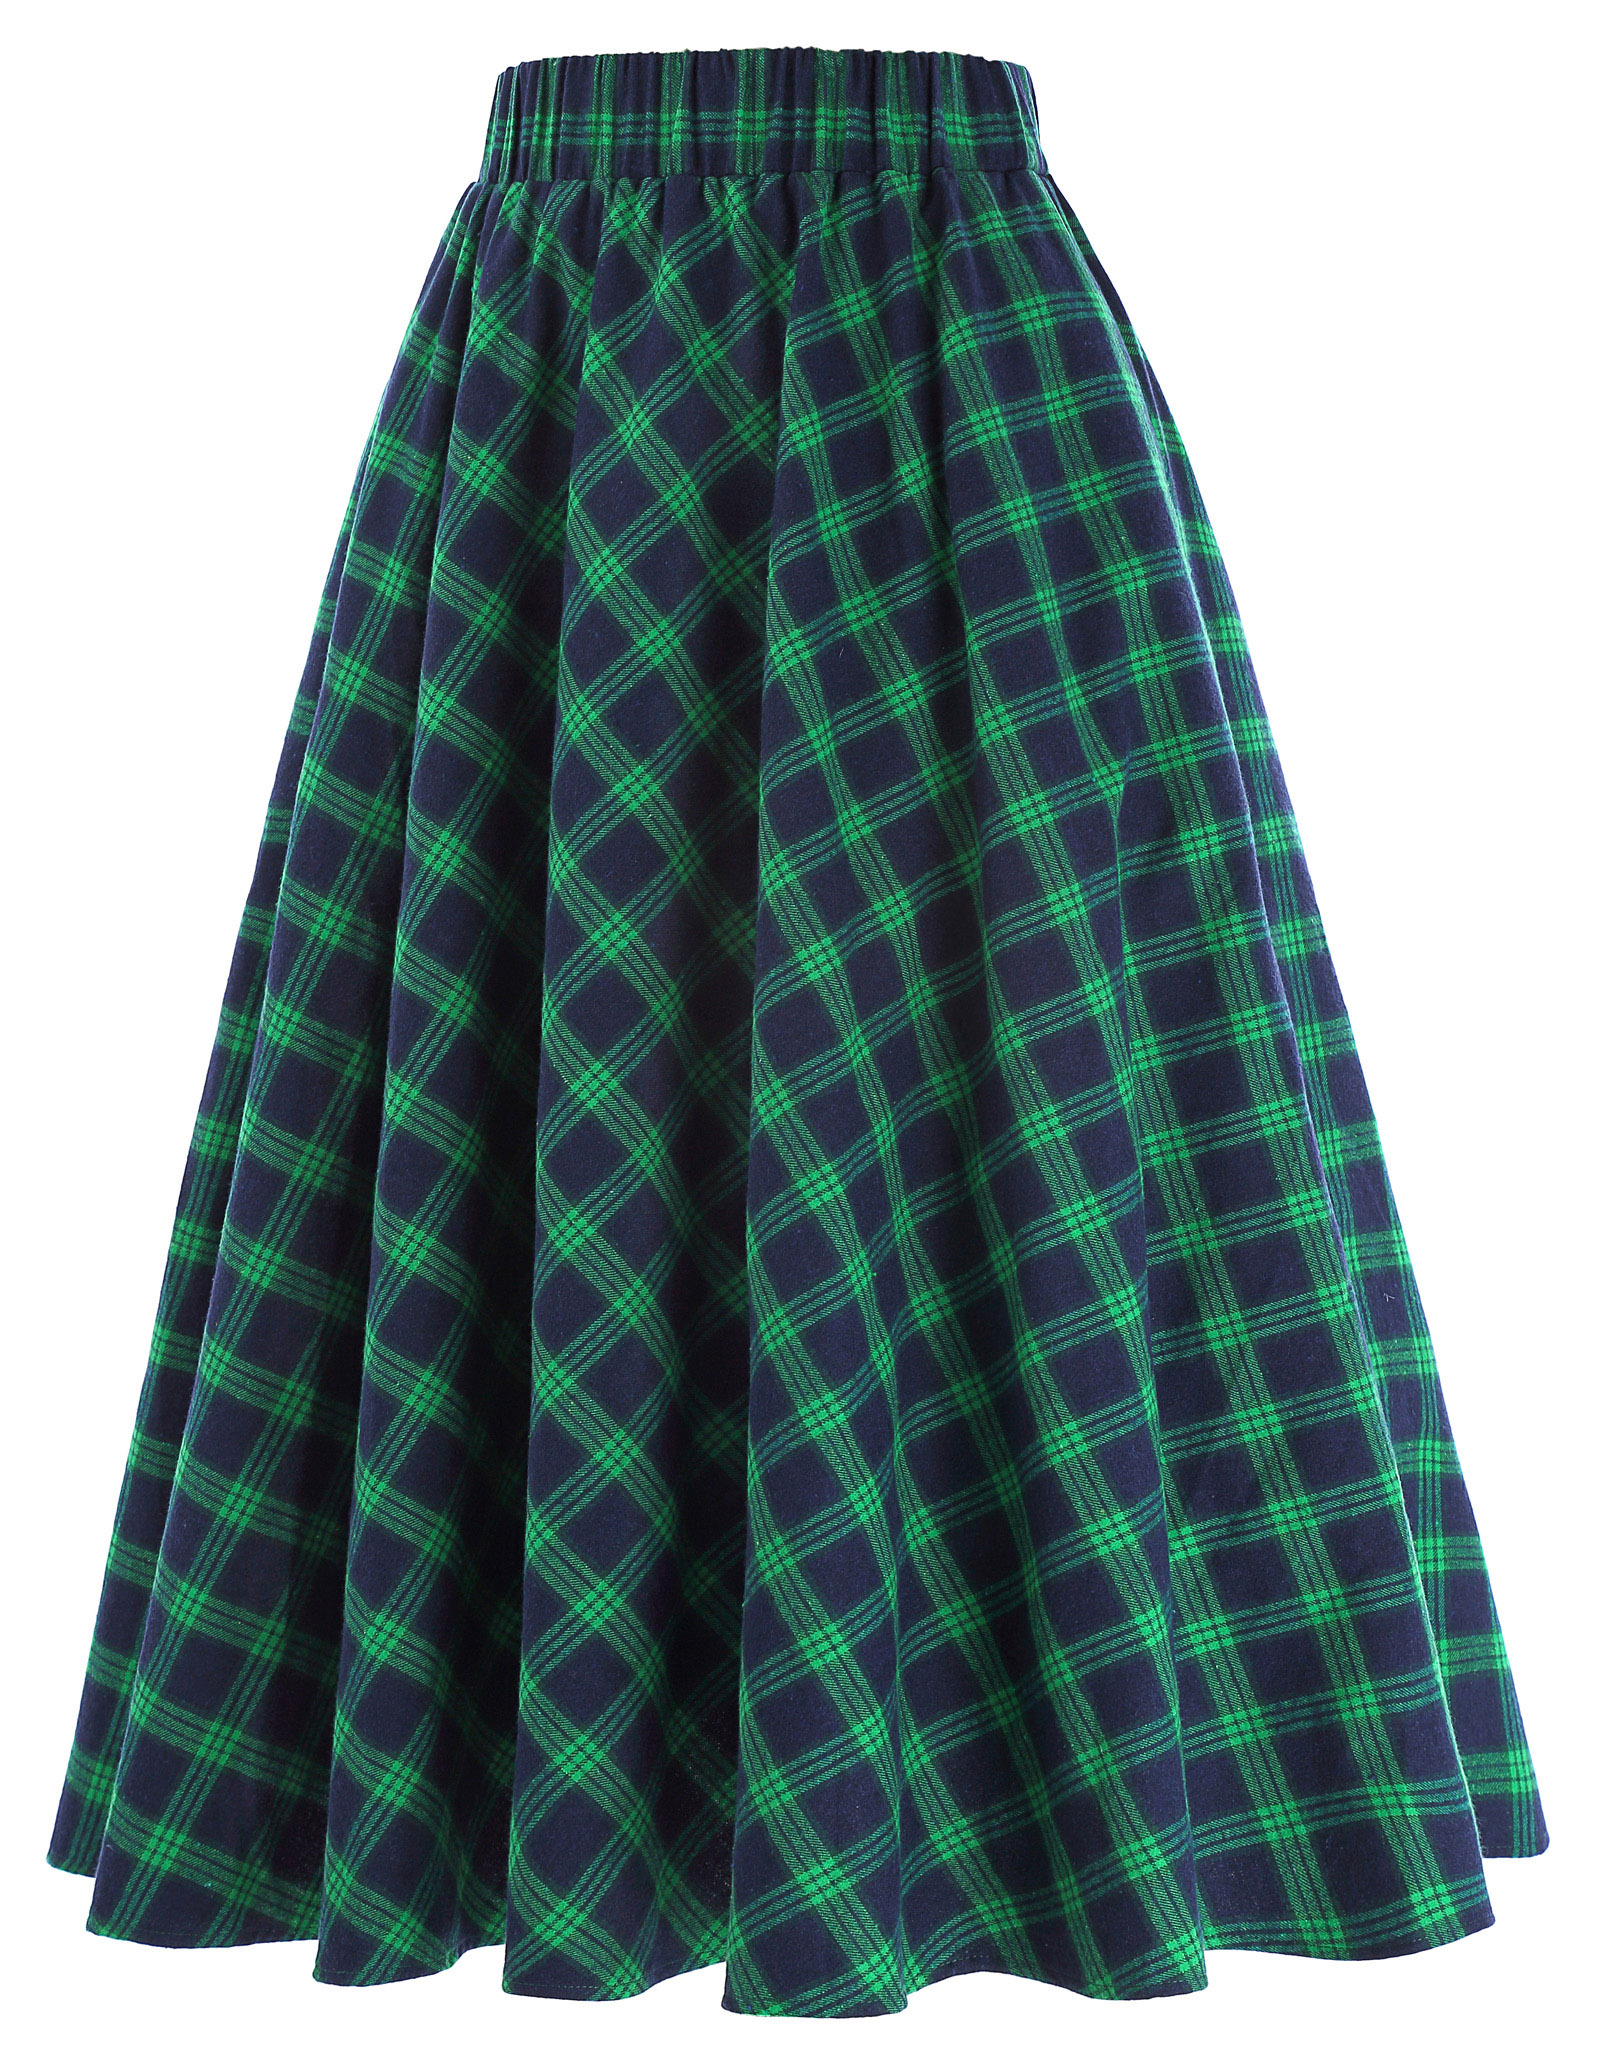 33003d4e8 Cuadros Faldas las mujeres, falda Vintage de moda patrón de cuadrícula de  estilo británico Skater plisado falda Faldas de cintura alta otoño falda